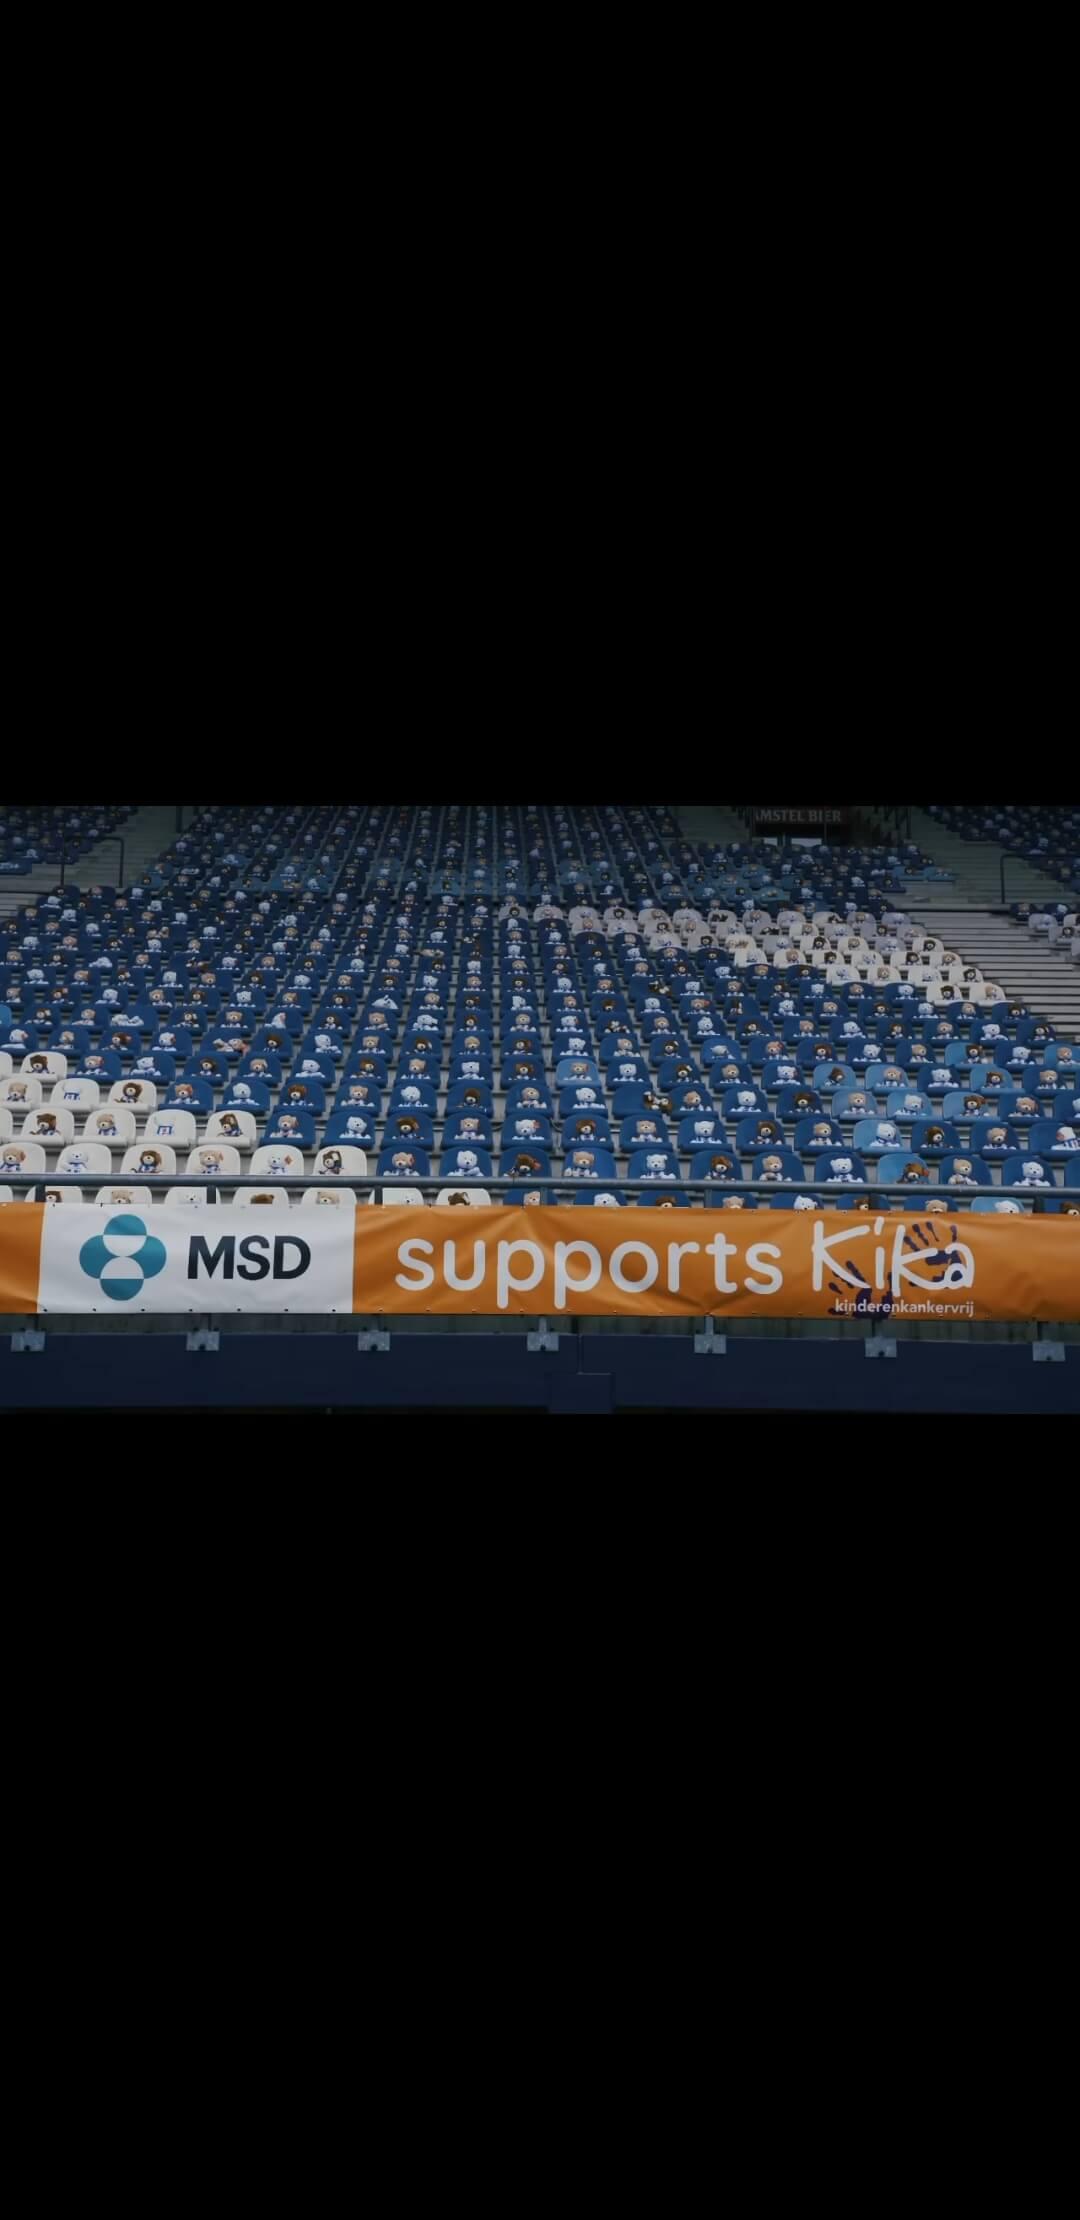 Ολλανδία: Η Χέρενφεϊν στο πλευρό των παιδιών με καρκίνο - 15.000 λούτρινα αρκουδάκια γέμισαν τις κερκίδες